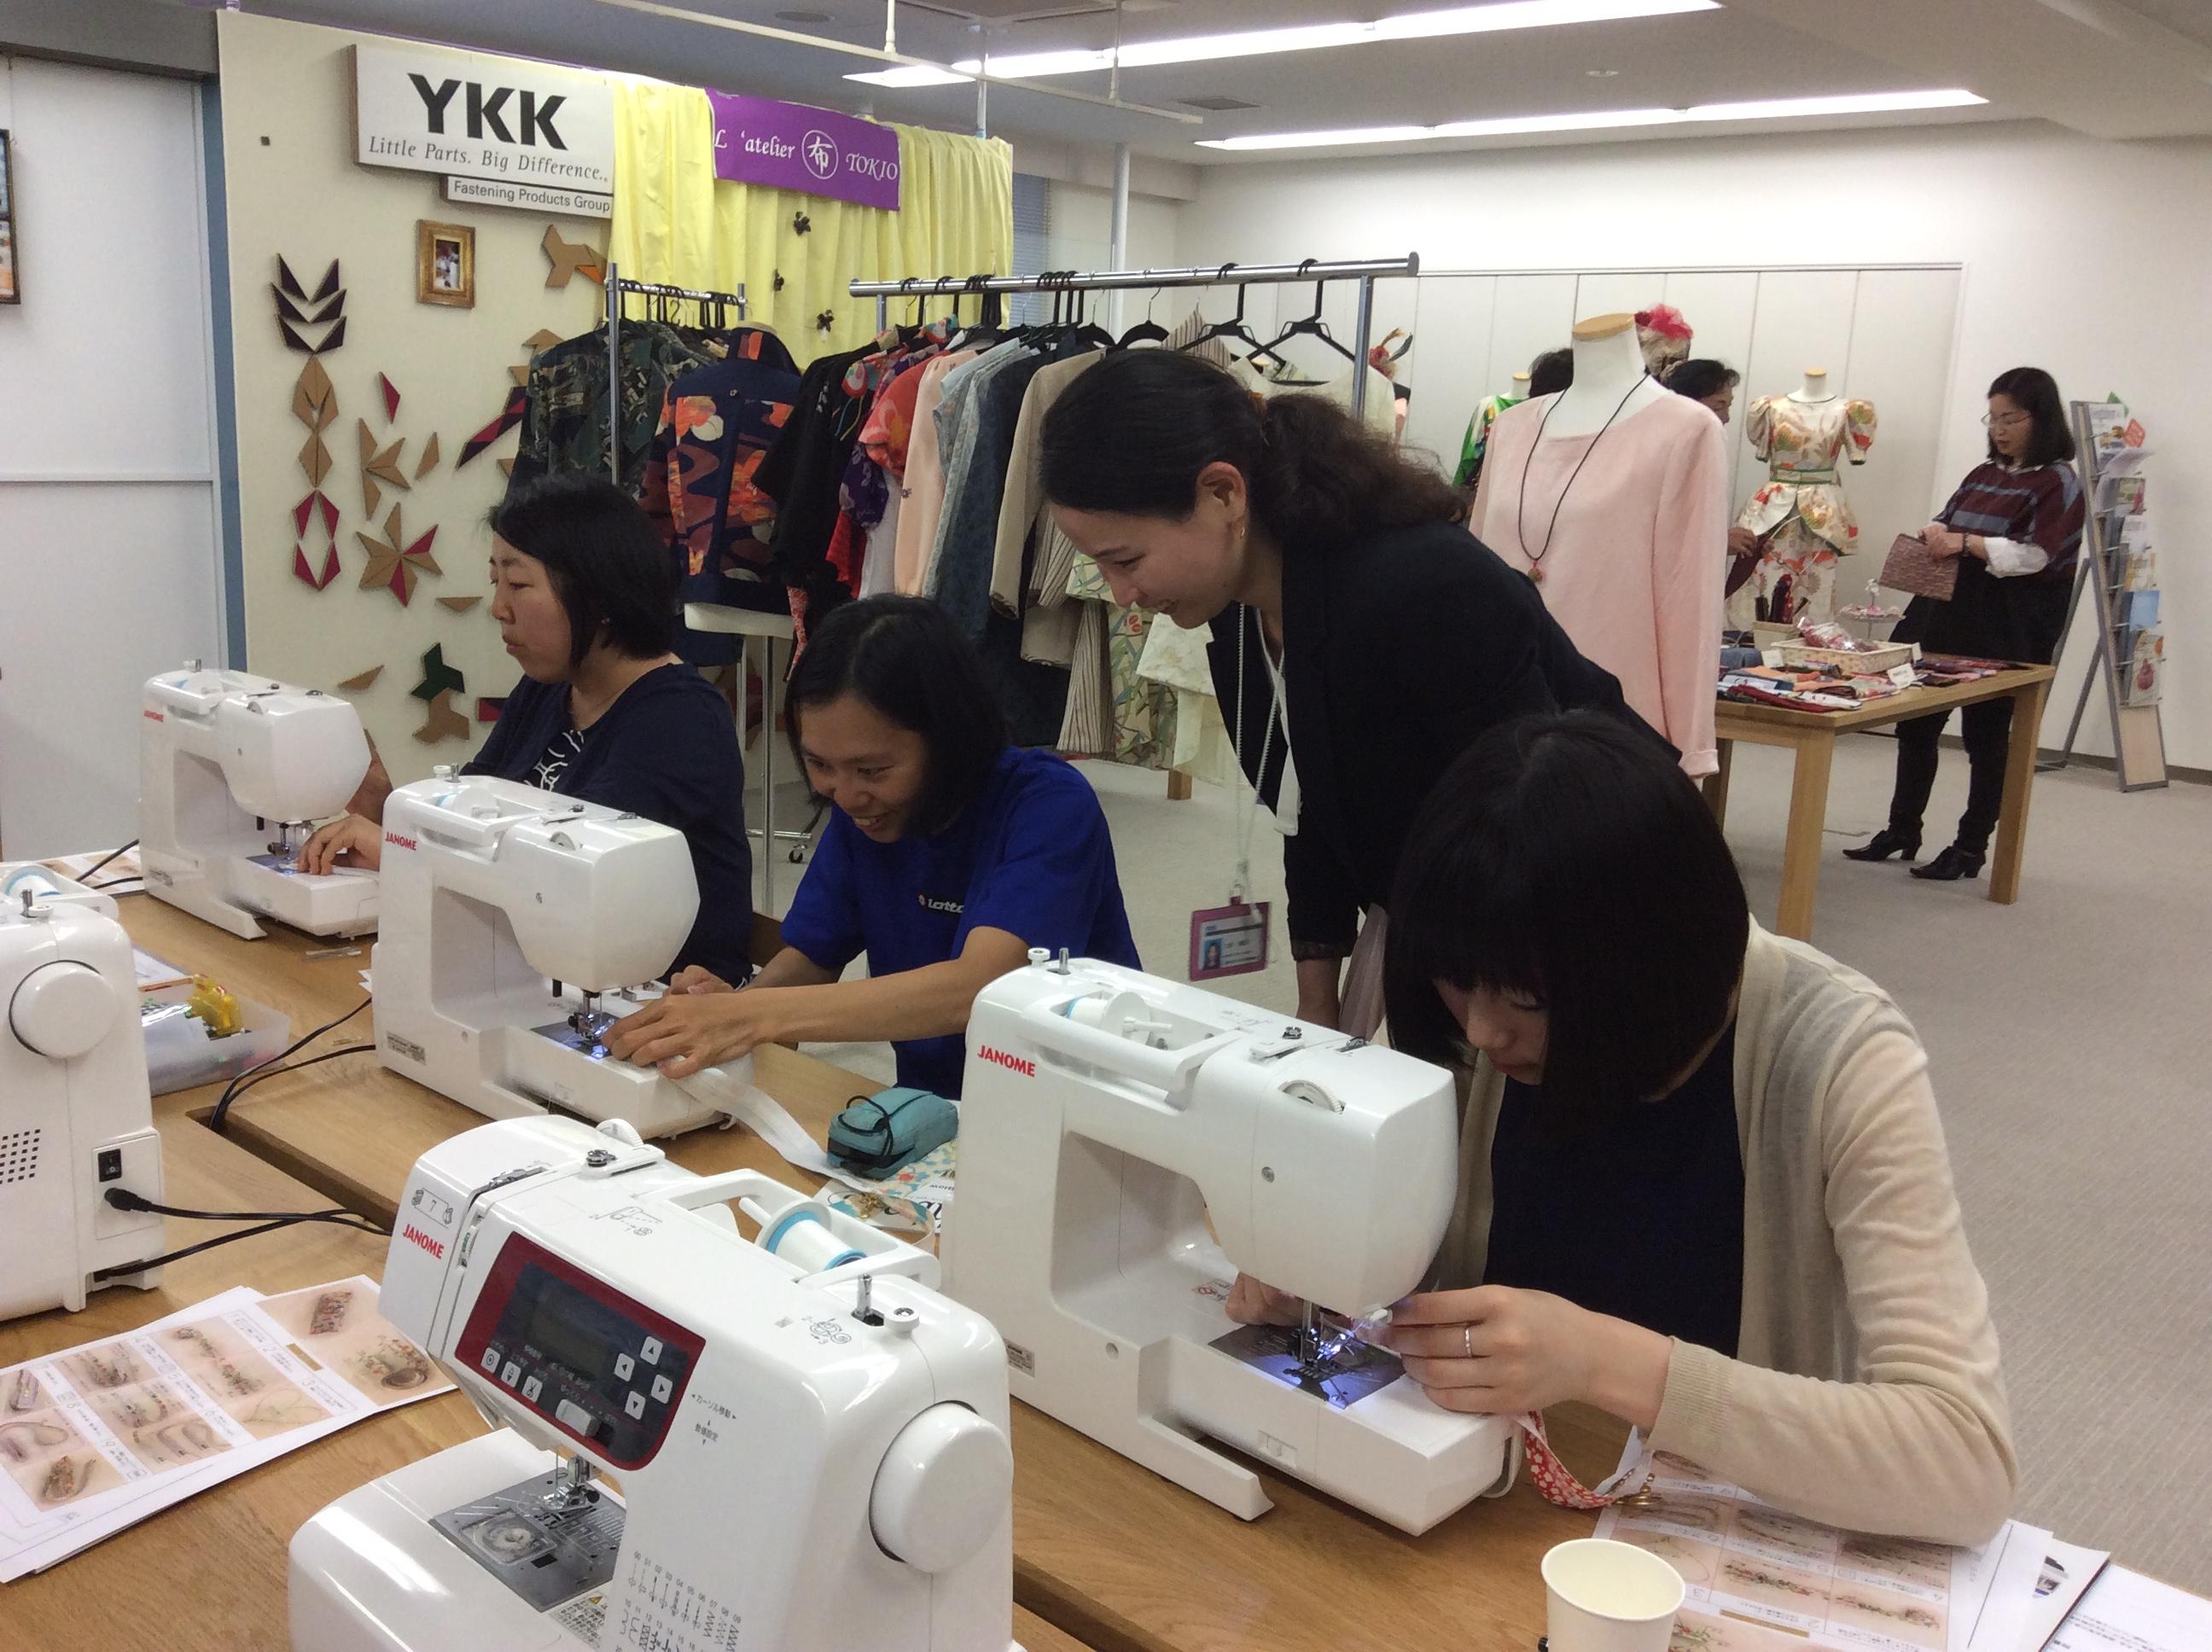 講師はYKKファスニングプロダクツ販売のデザイナー・上杉咲気氏